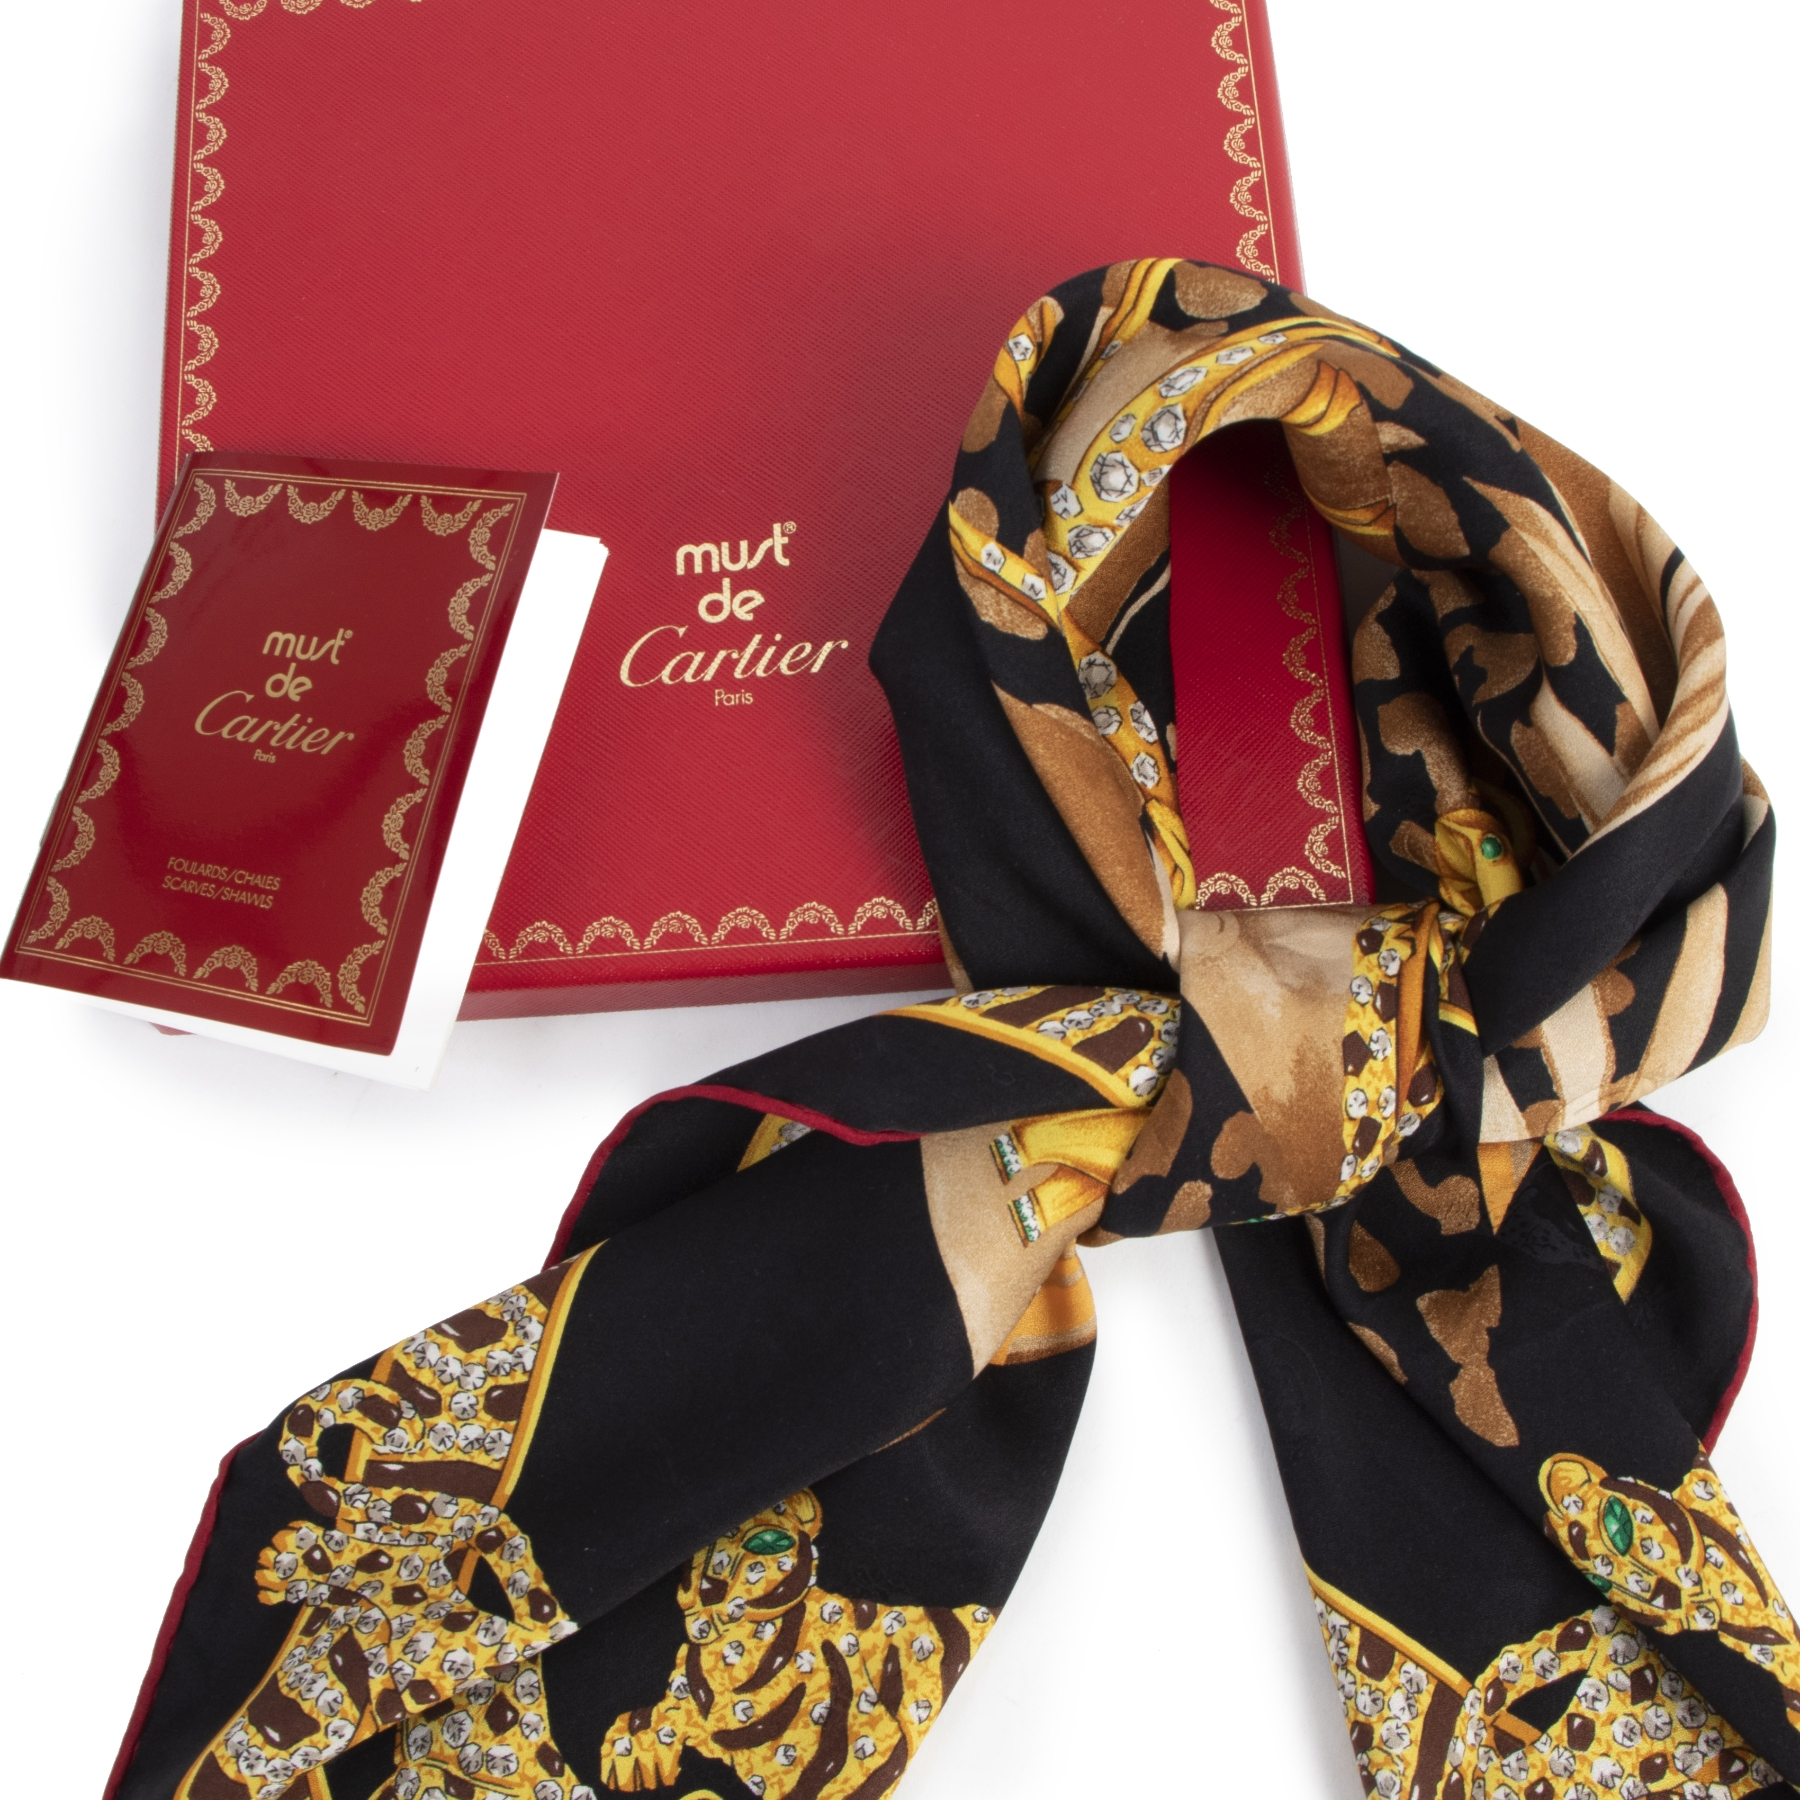 Authentieke Tweedehands Cartier Giraffe Safari Silk Scarf juiste prijs veilig online shoppen luxe merken webshop winkelen Antwerpen België mode fashion